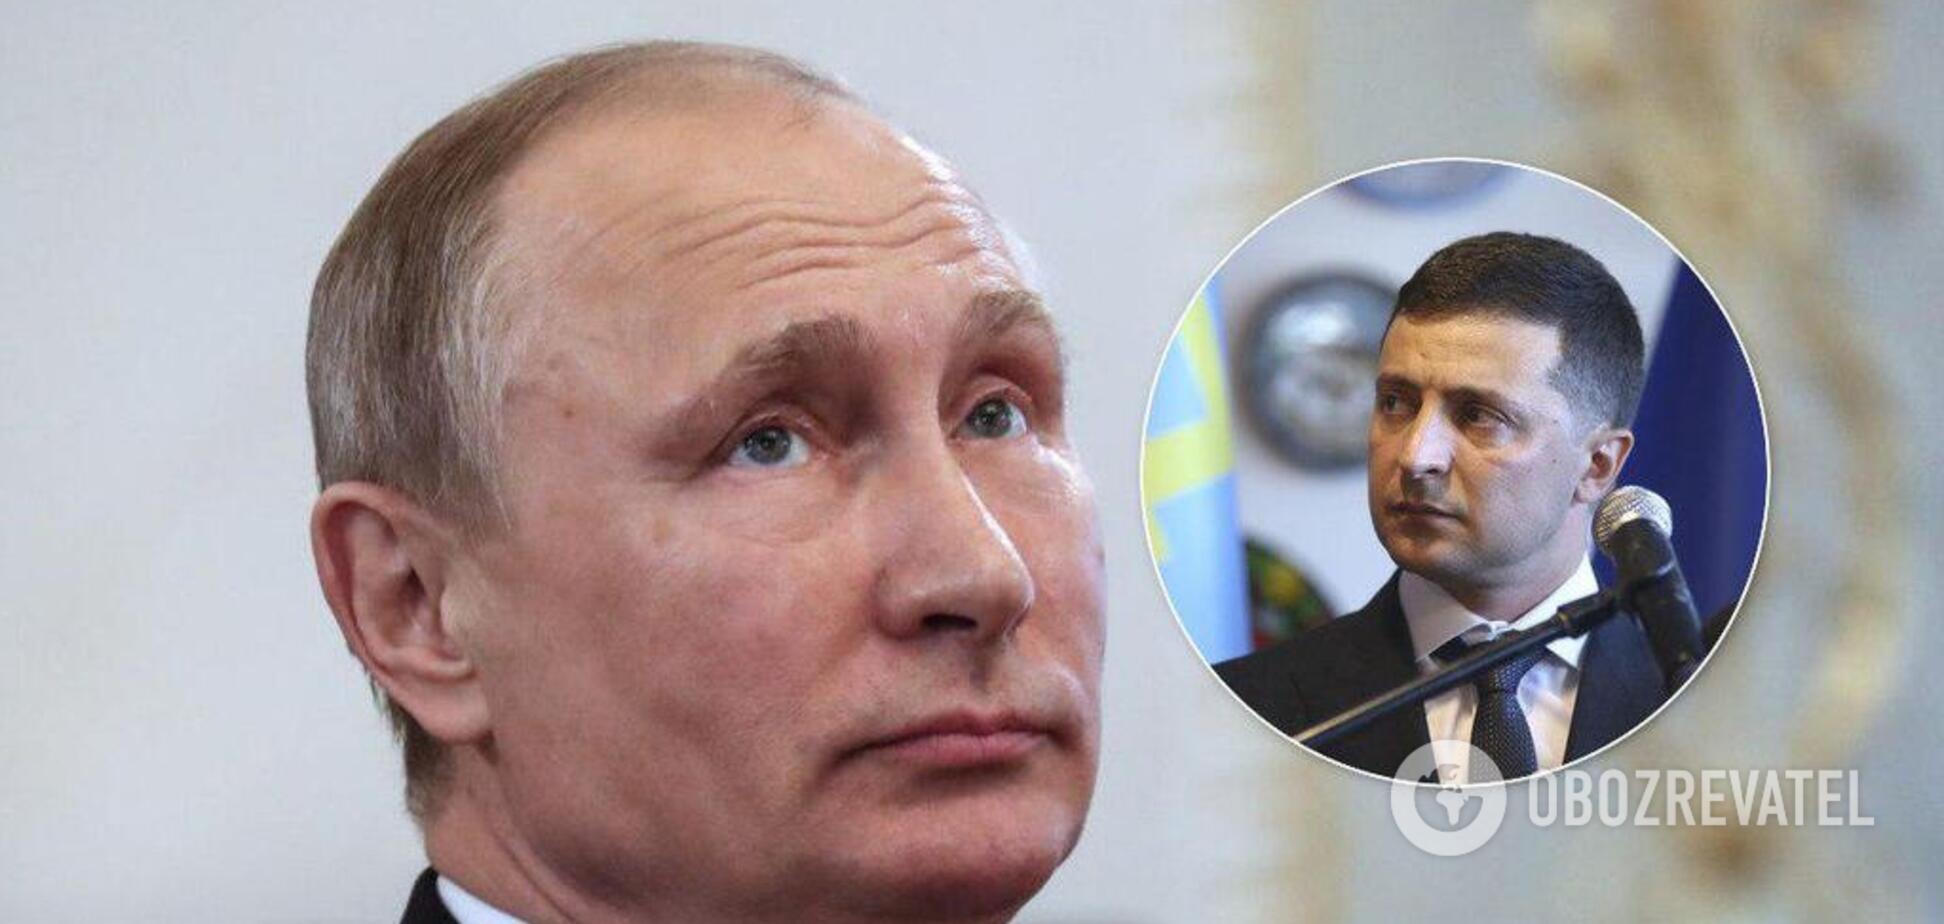 'Зеленський – ніхто перед Путіним': відомий психолог розгромив главу України